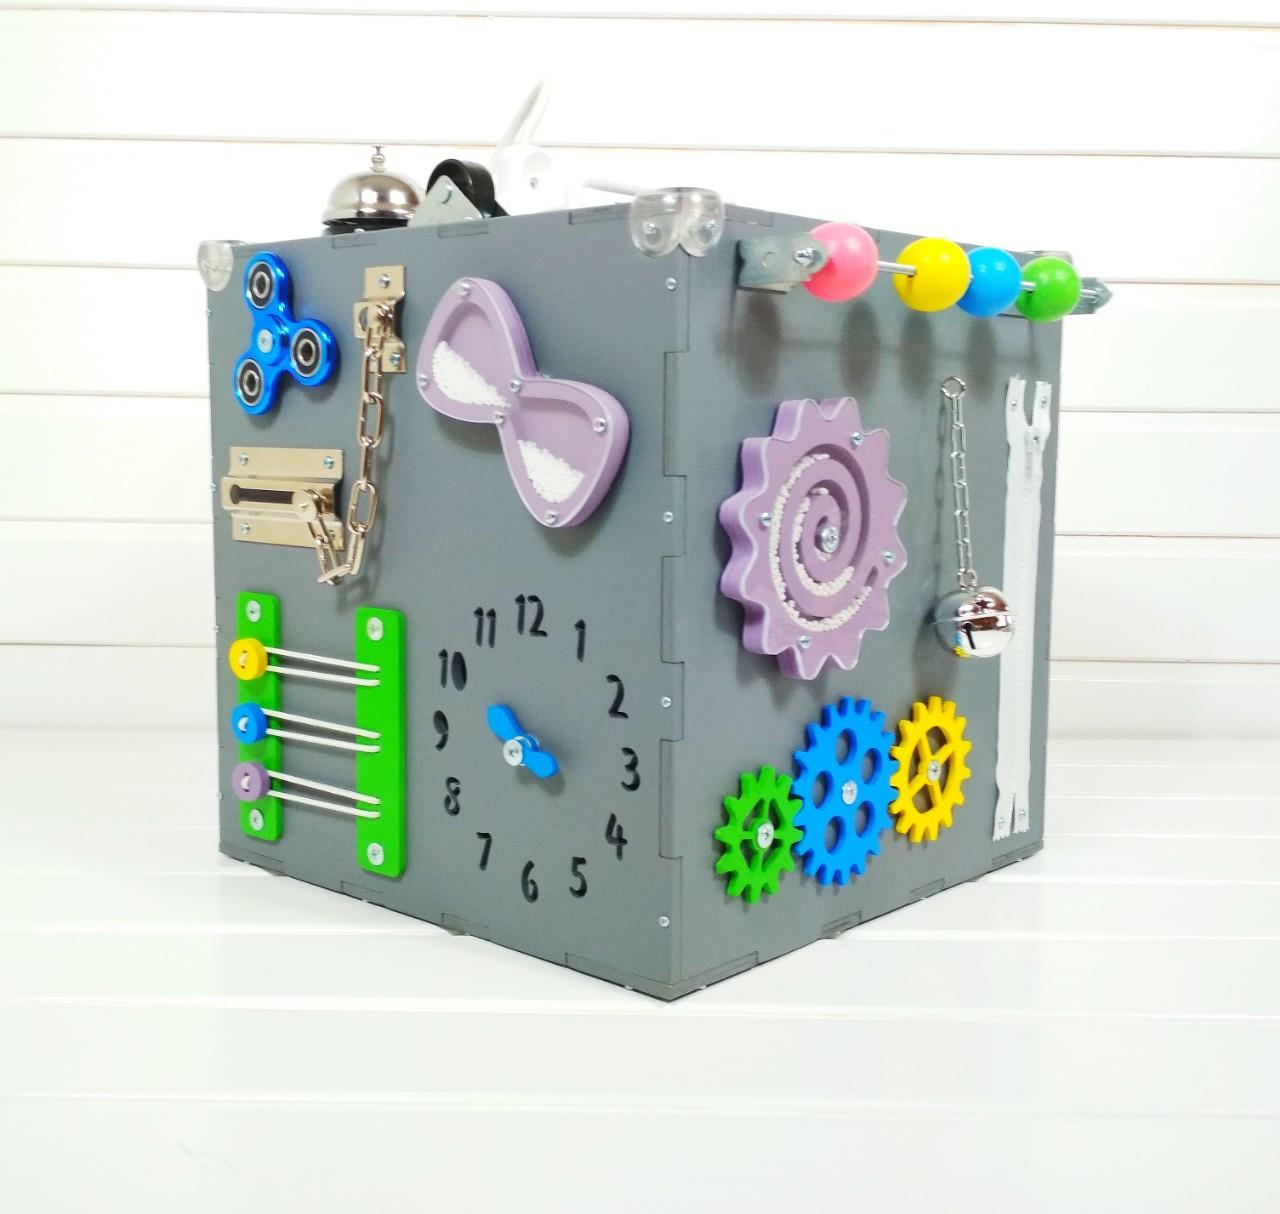 Развивающая игрушка бизикуб Busy Cube Tornado Серая